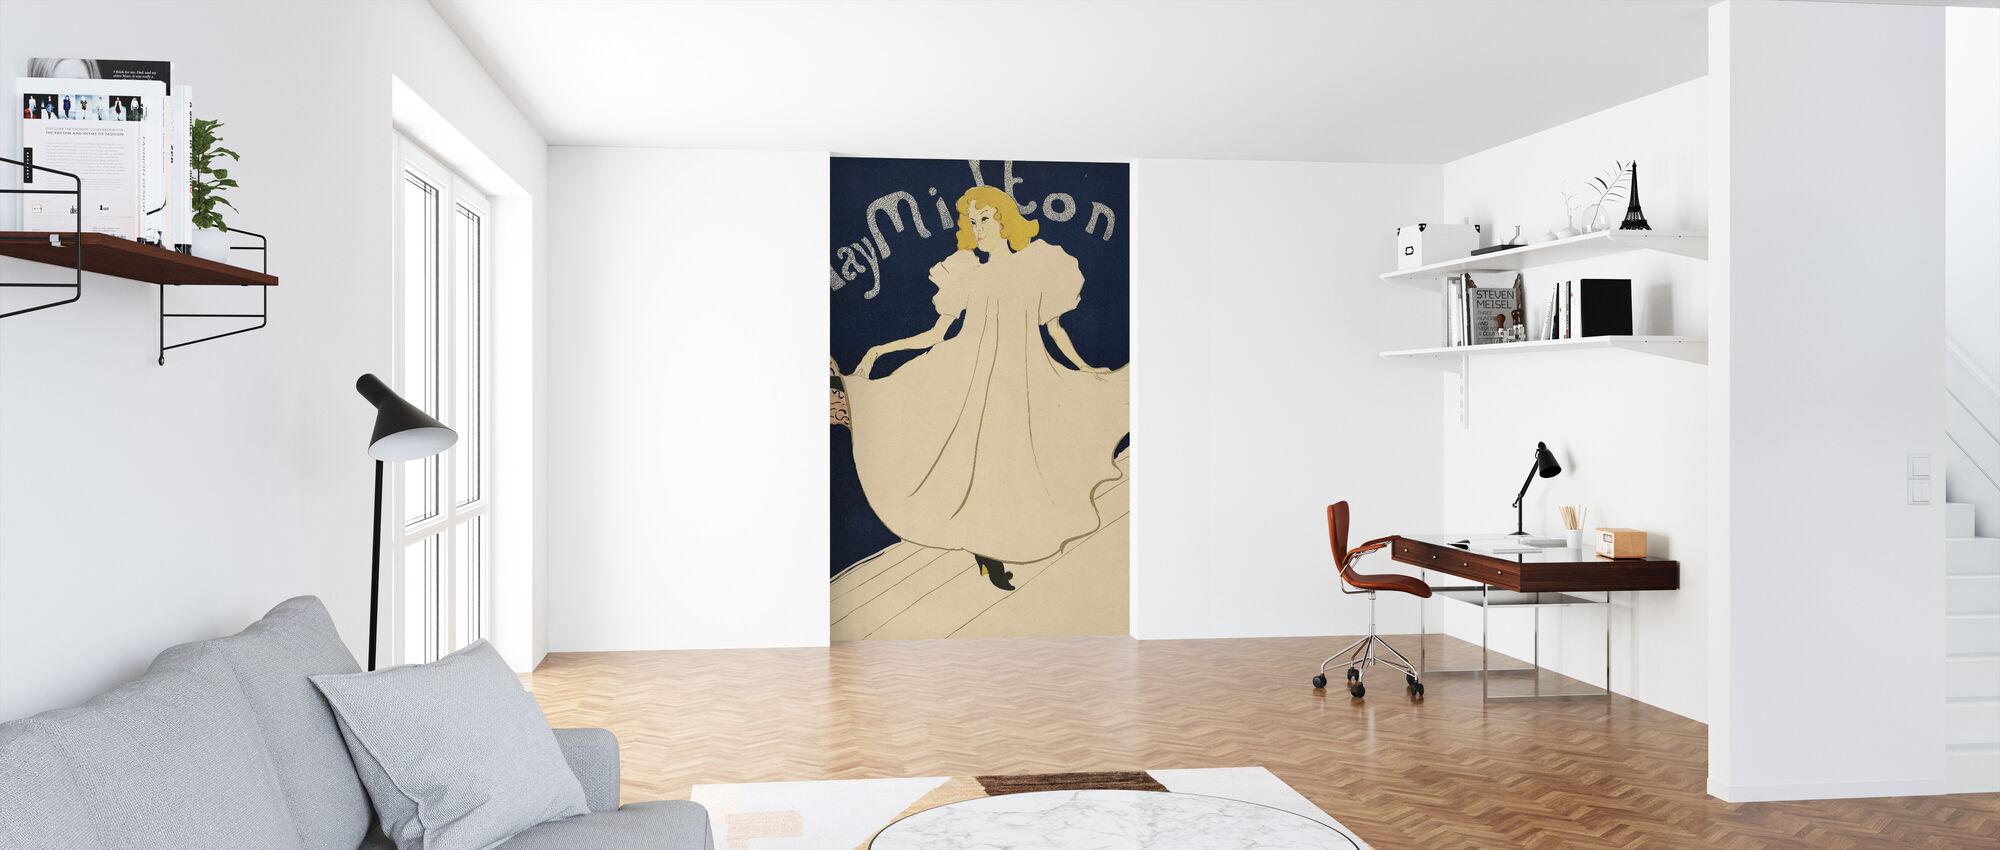 May Milton - Henri de Toulouse-Lautrec - Wallpaper - Office